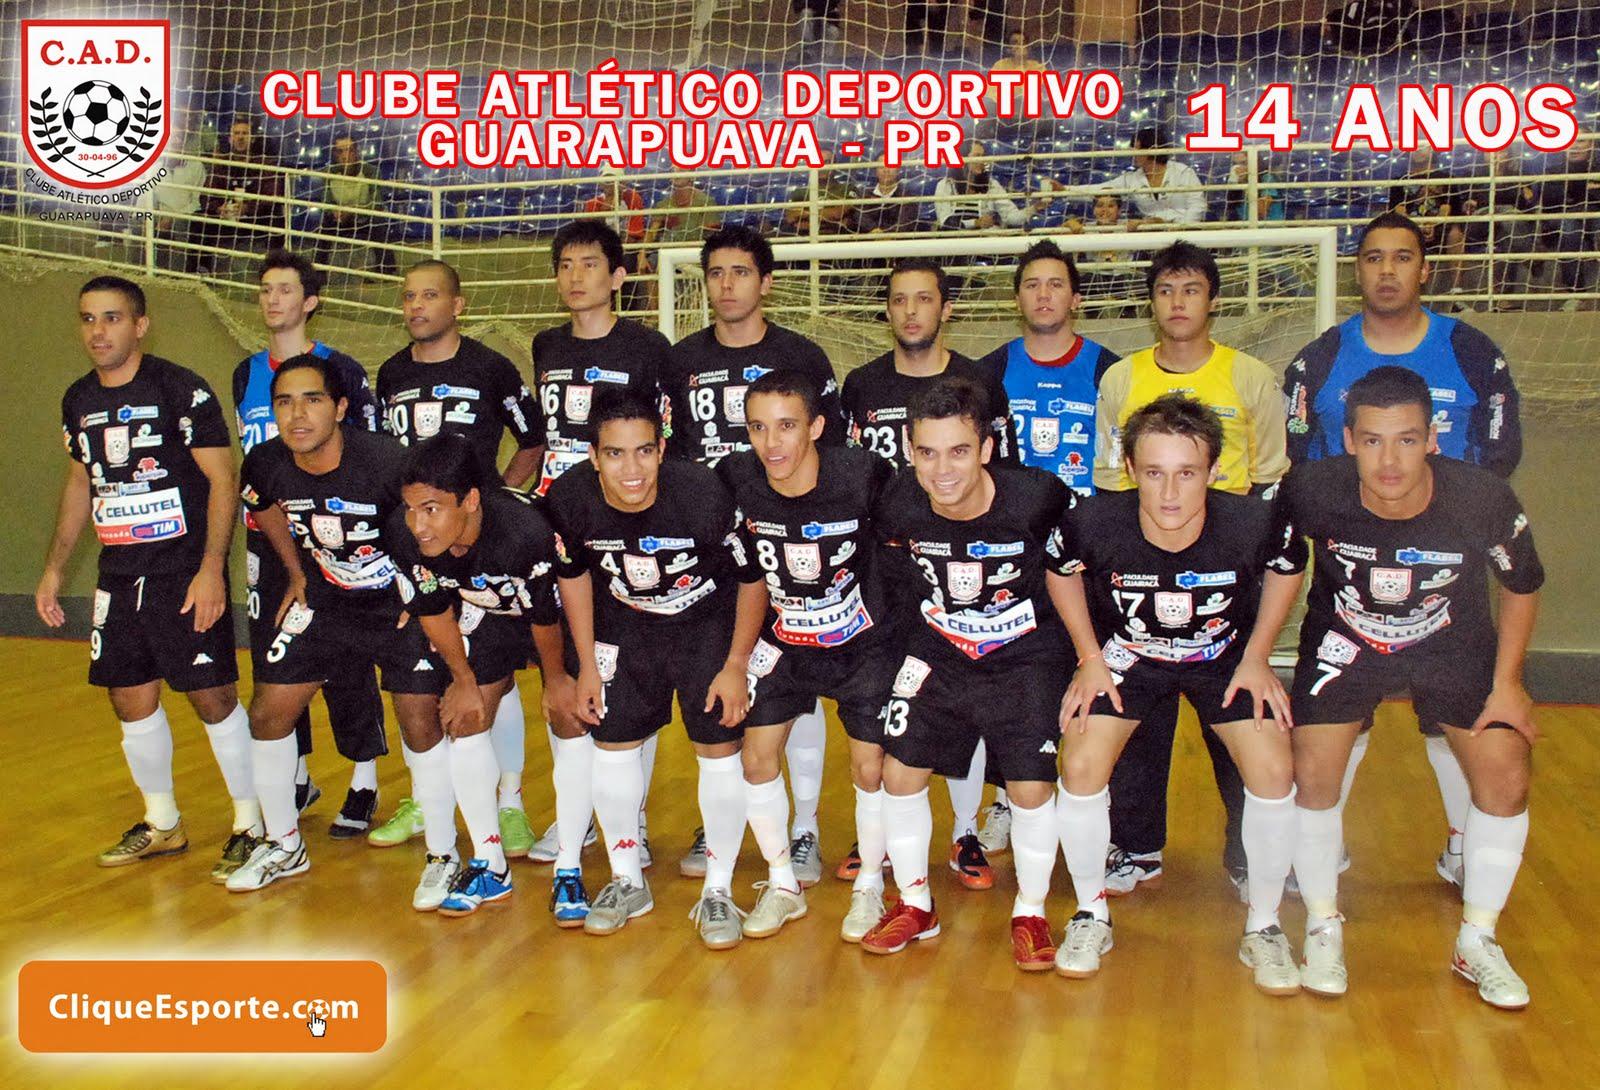 d57bef57b6 Clube Atlético Deportivo completa 14 anos ~ CliqueEsporte